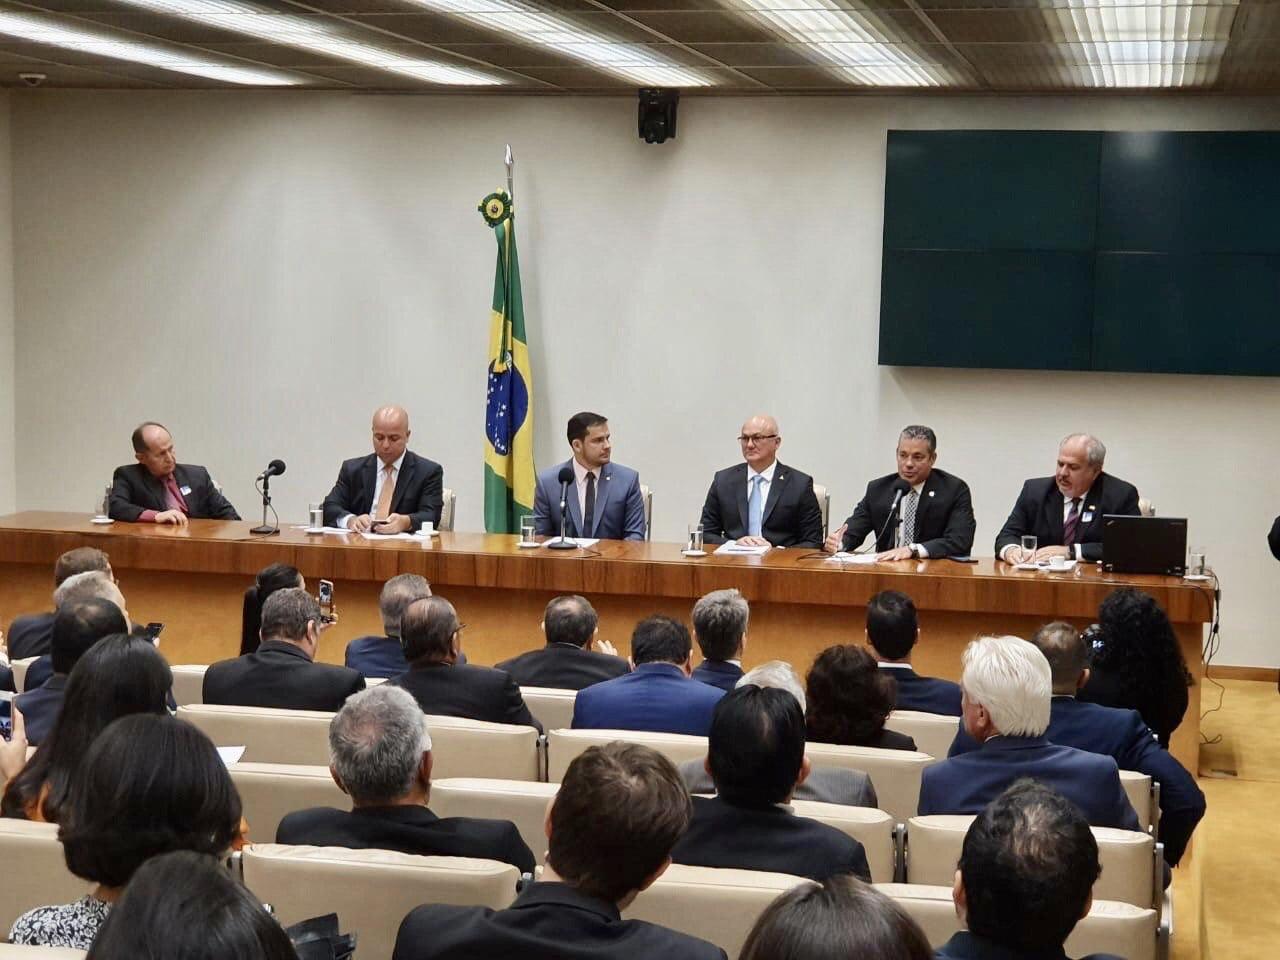 Josué participa de Sessão Solene dos 53 anos da Zona Franca na Câmara dos Deputados